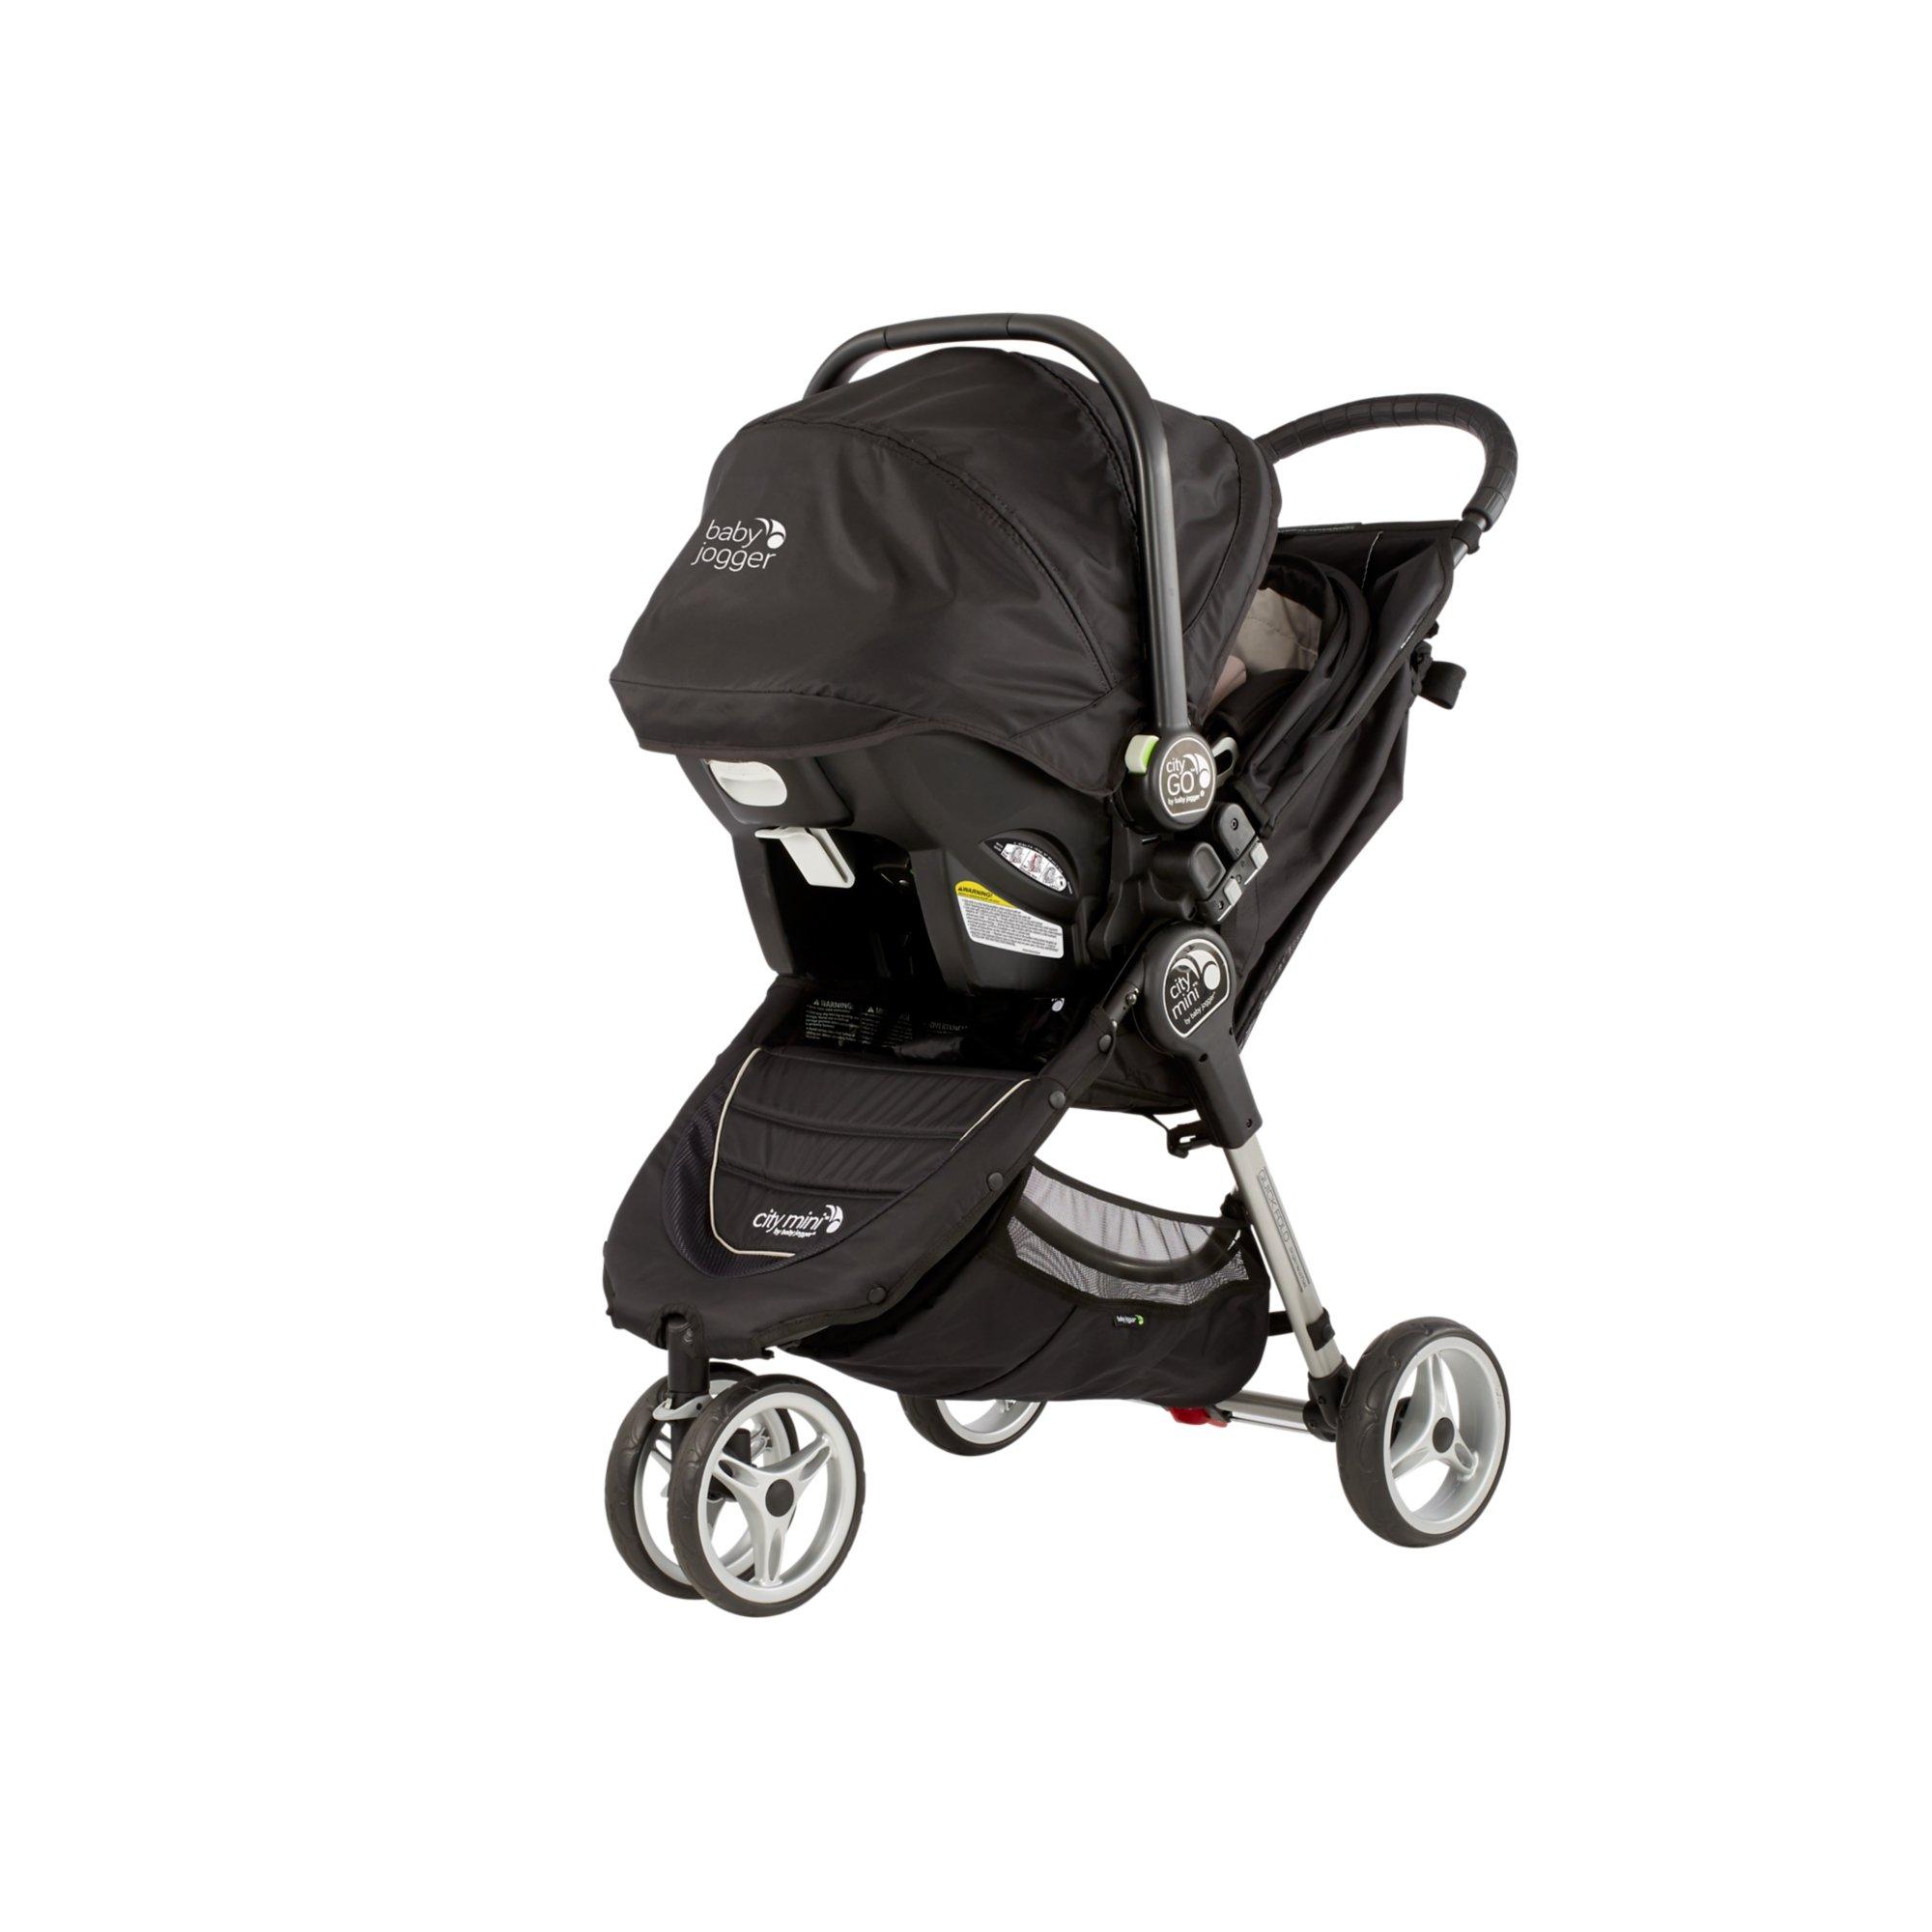 Baby Jogger City Mini Single Travel System - Black/ Gray